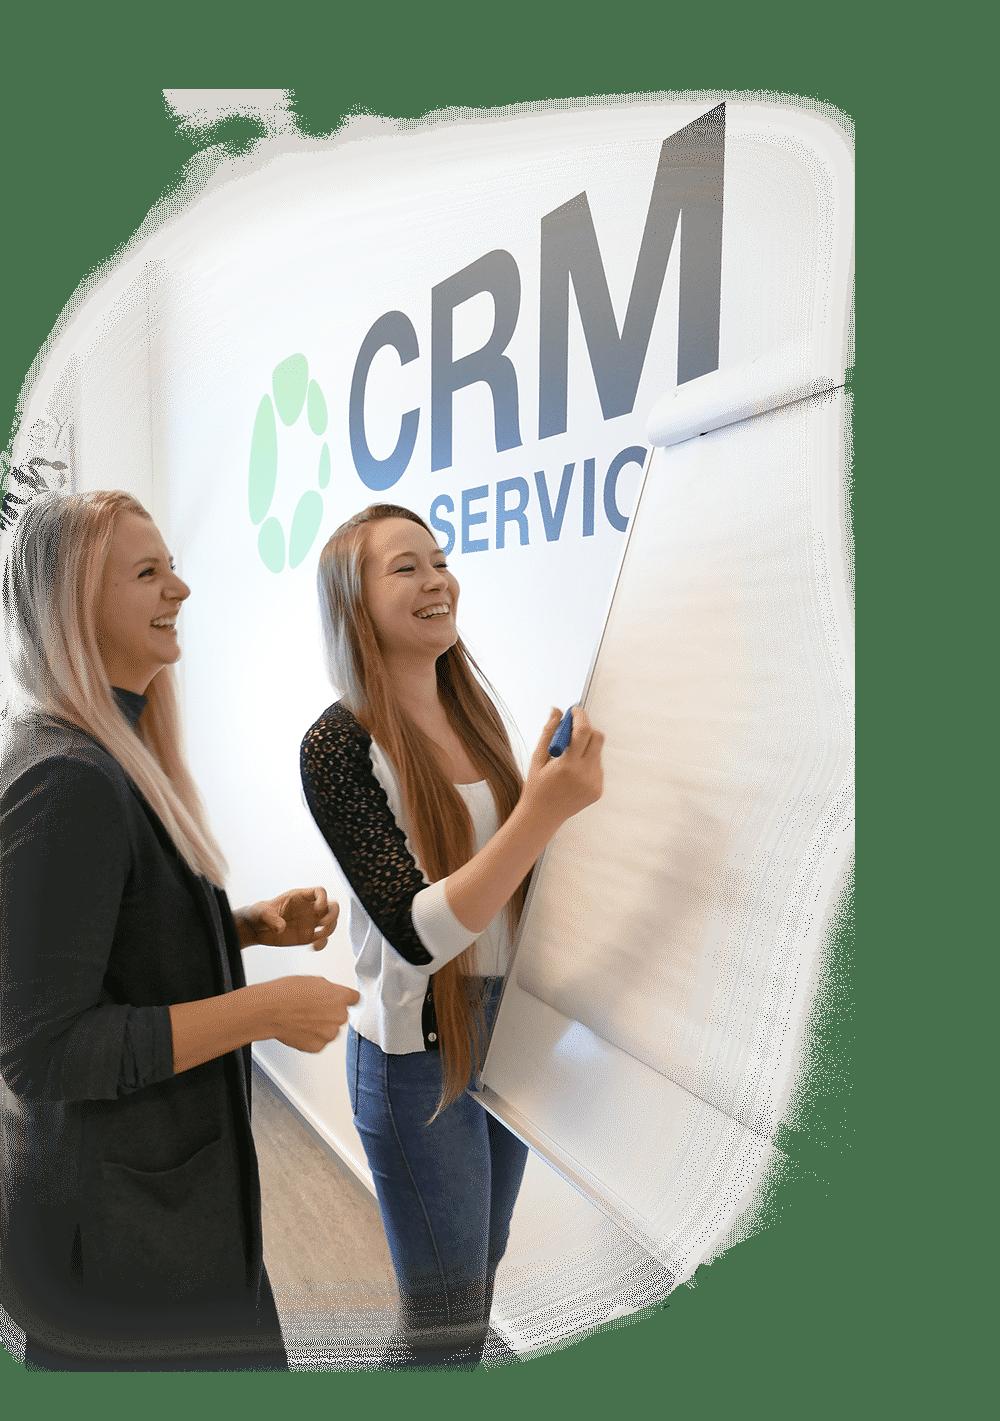 CRM-service professionals